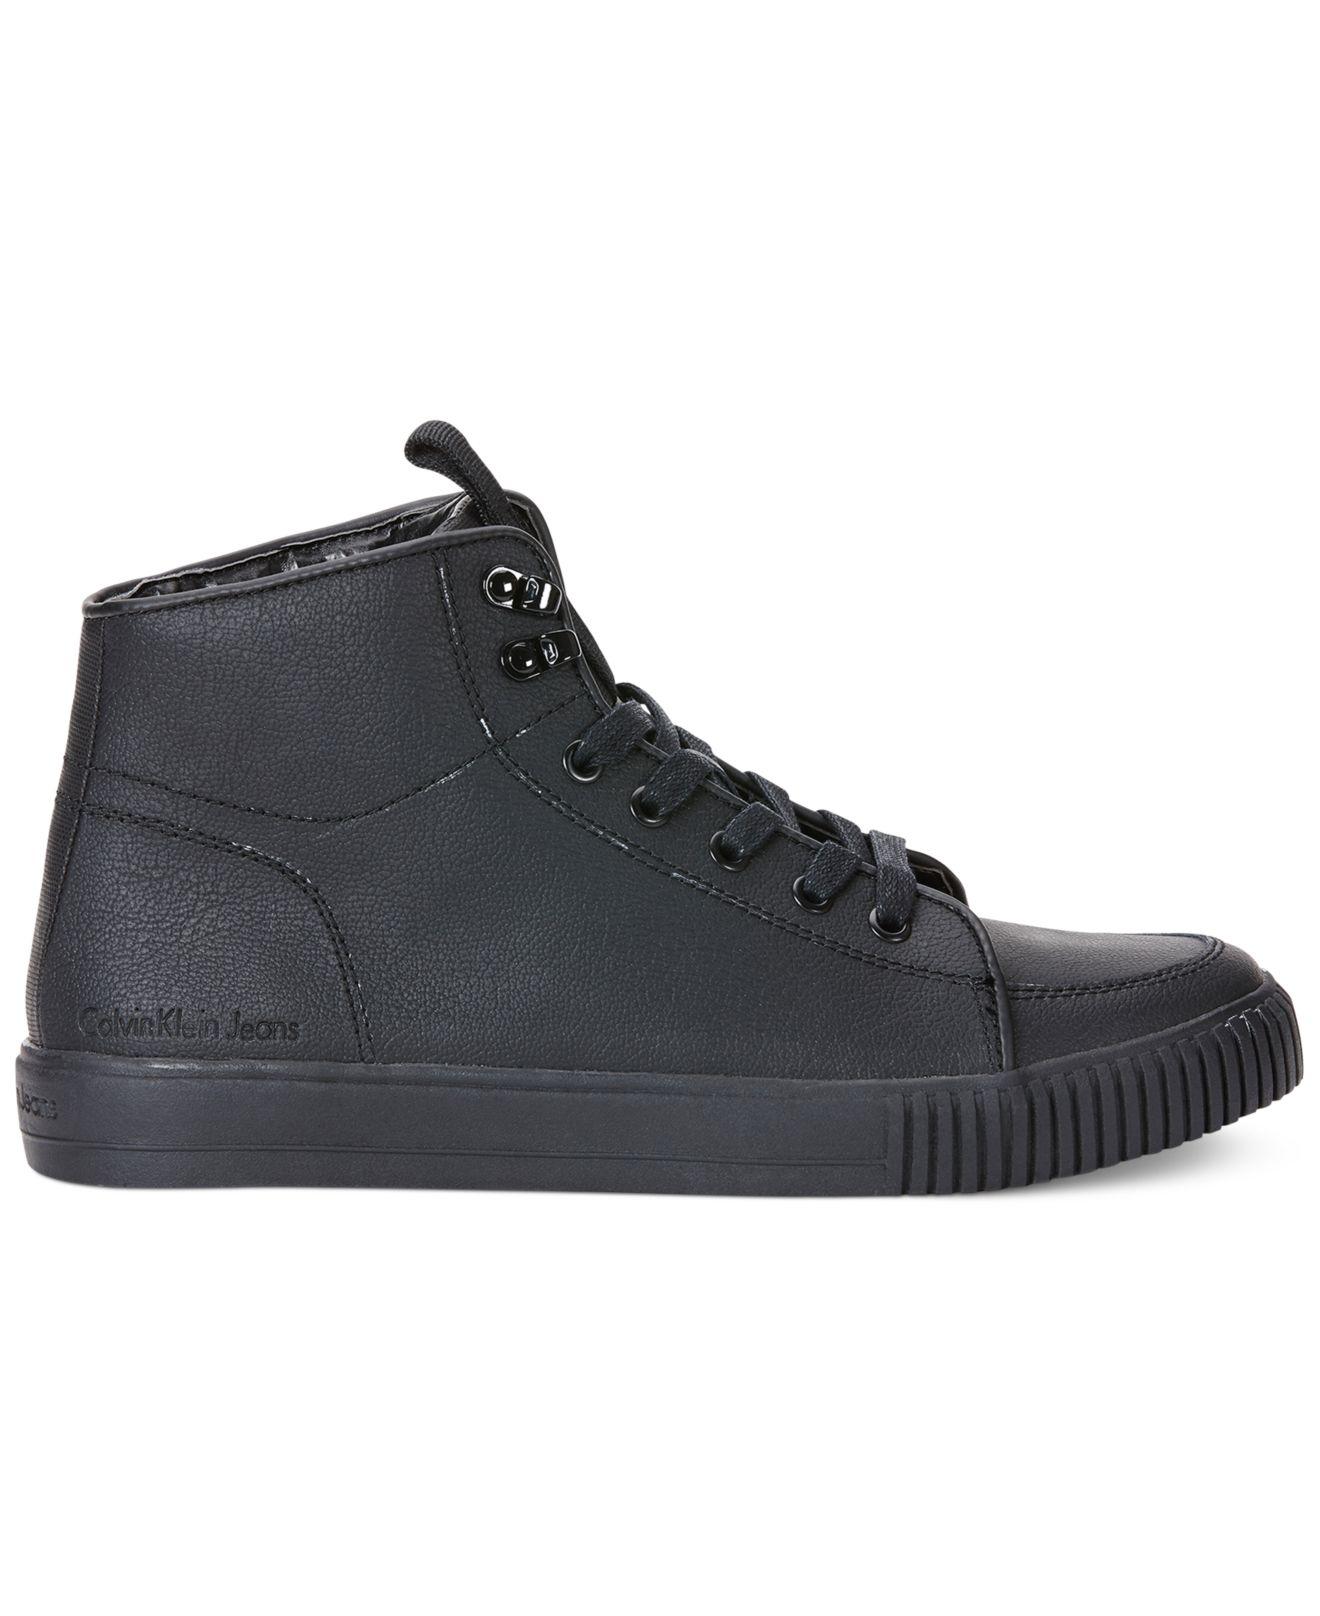 calvin klein jeans jenson leather hi tops in black for men lyst. Black Bedroom Furniture Sets. Home Design Ideas